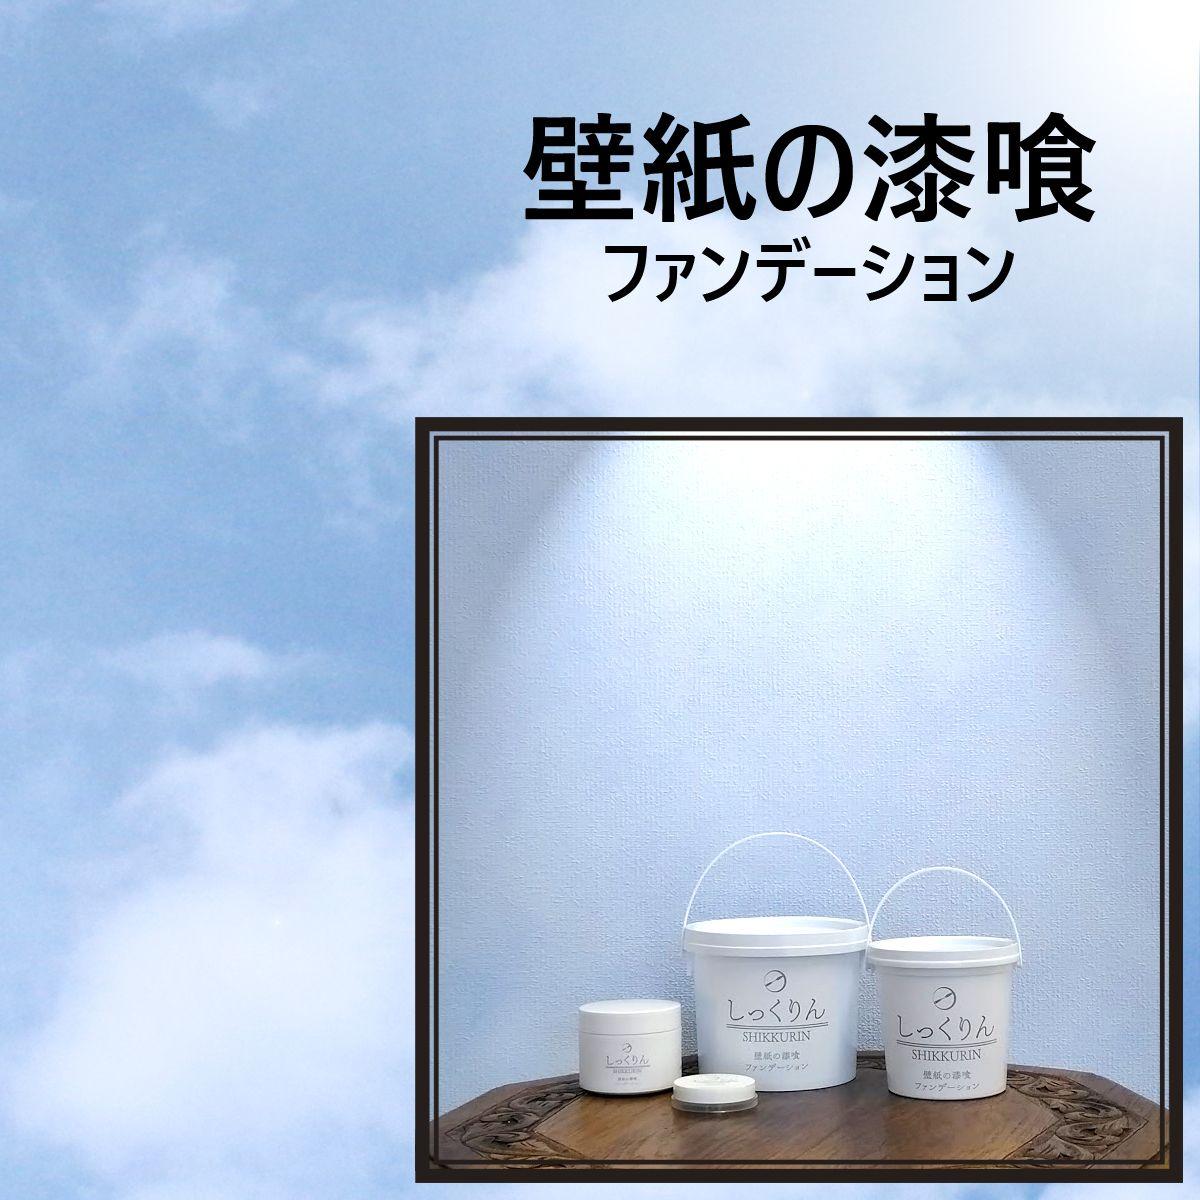 楽天市場 新感覚diy自然塗材 しっくりん ソラ スタンダード 約畳2